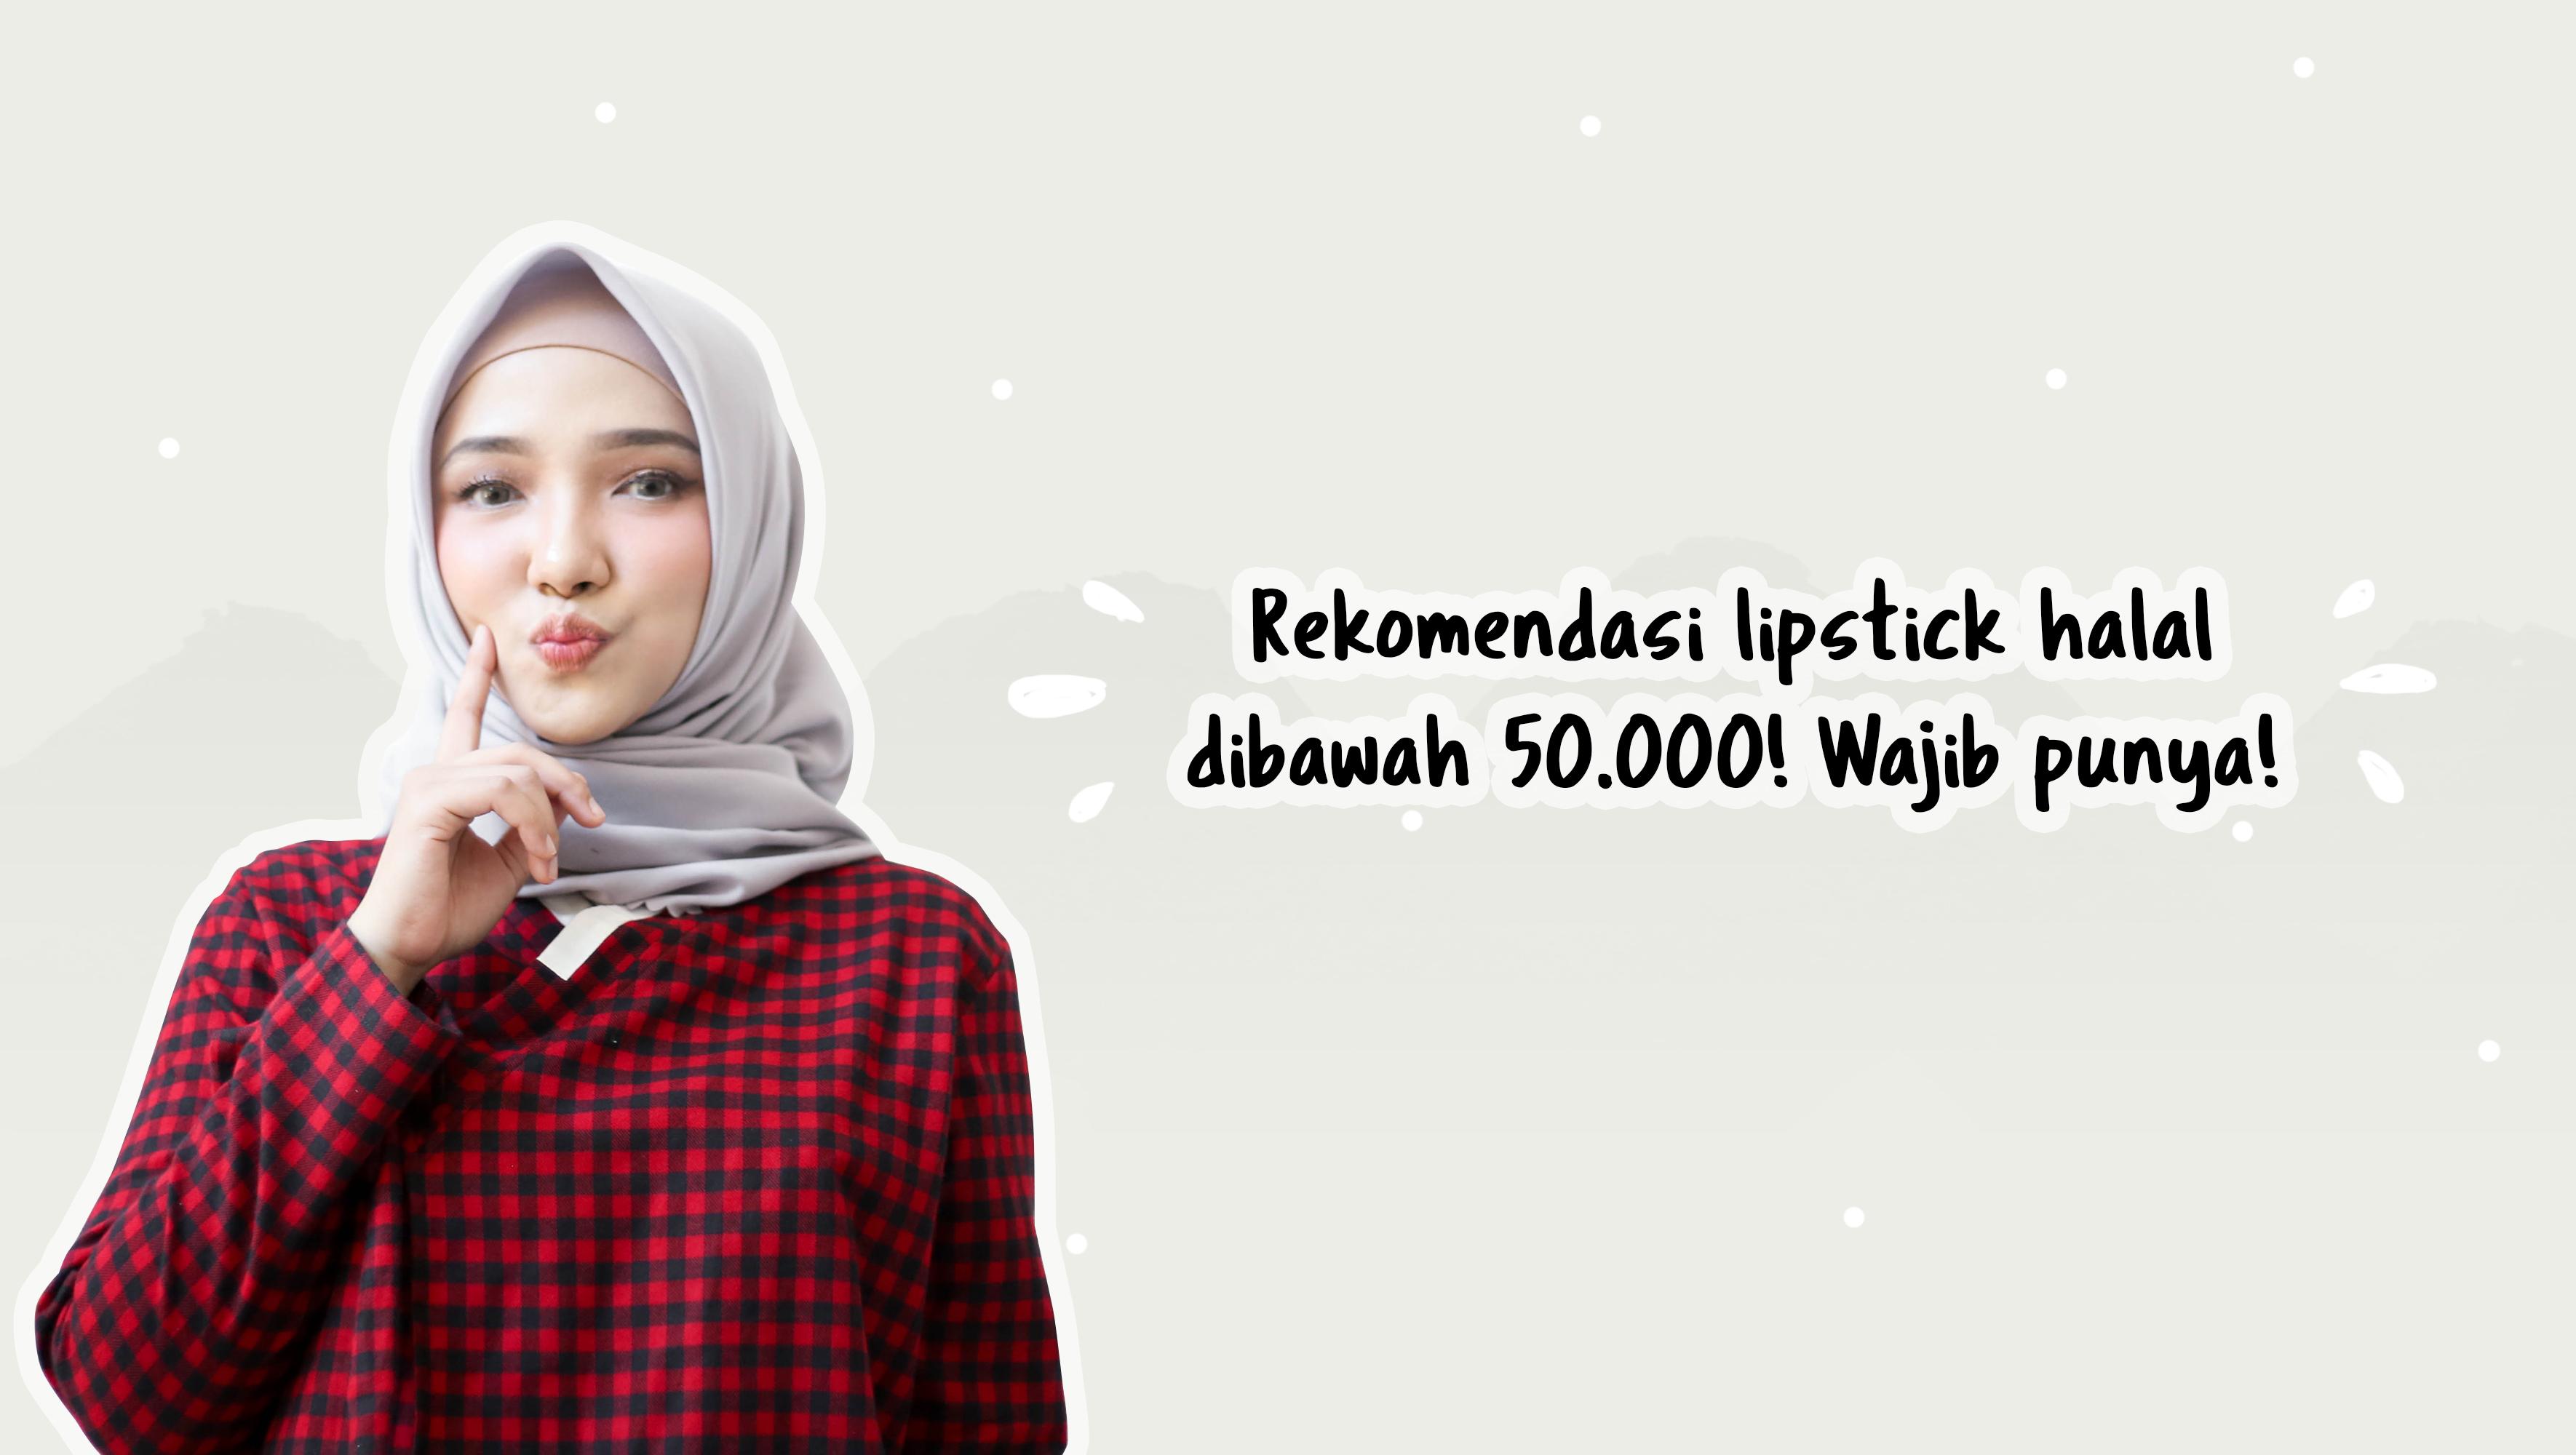 Rekomendasi Lipstik halal di bawah 50.000! Wajib Punya! image